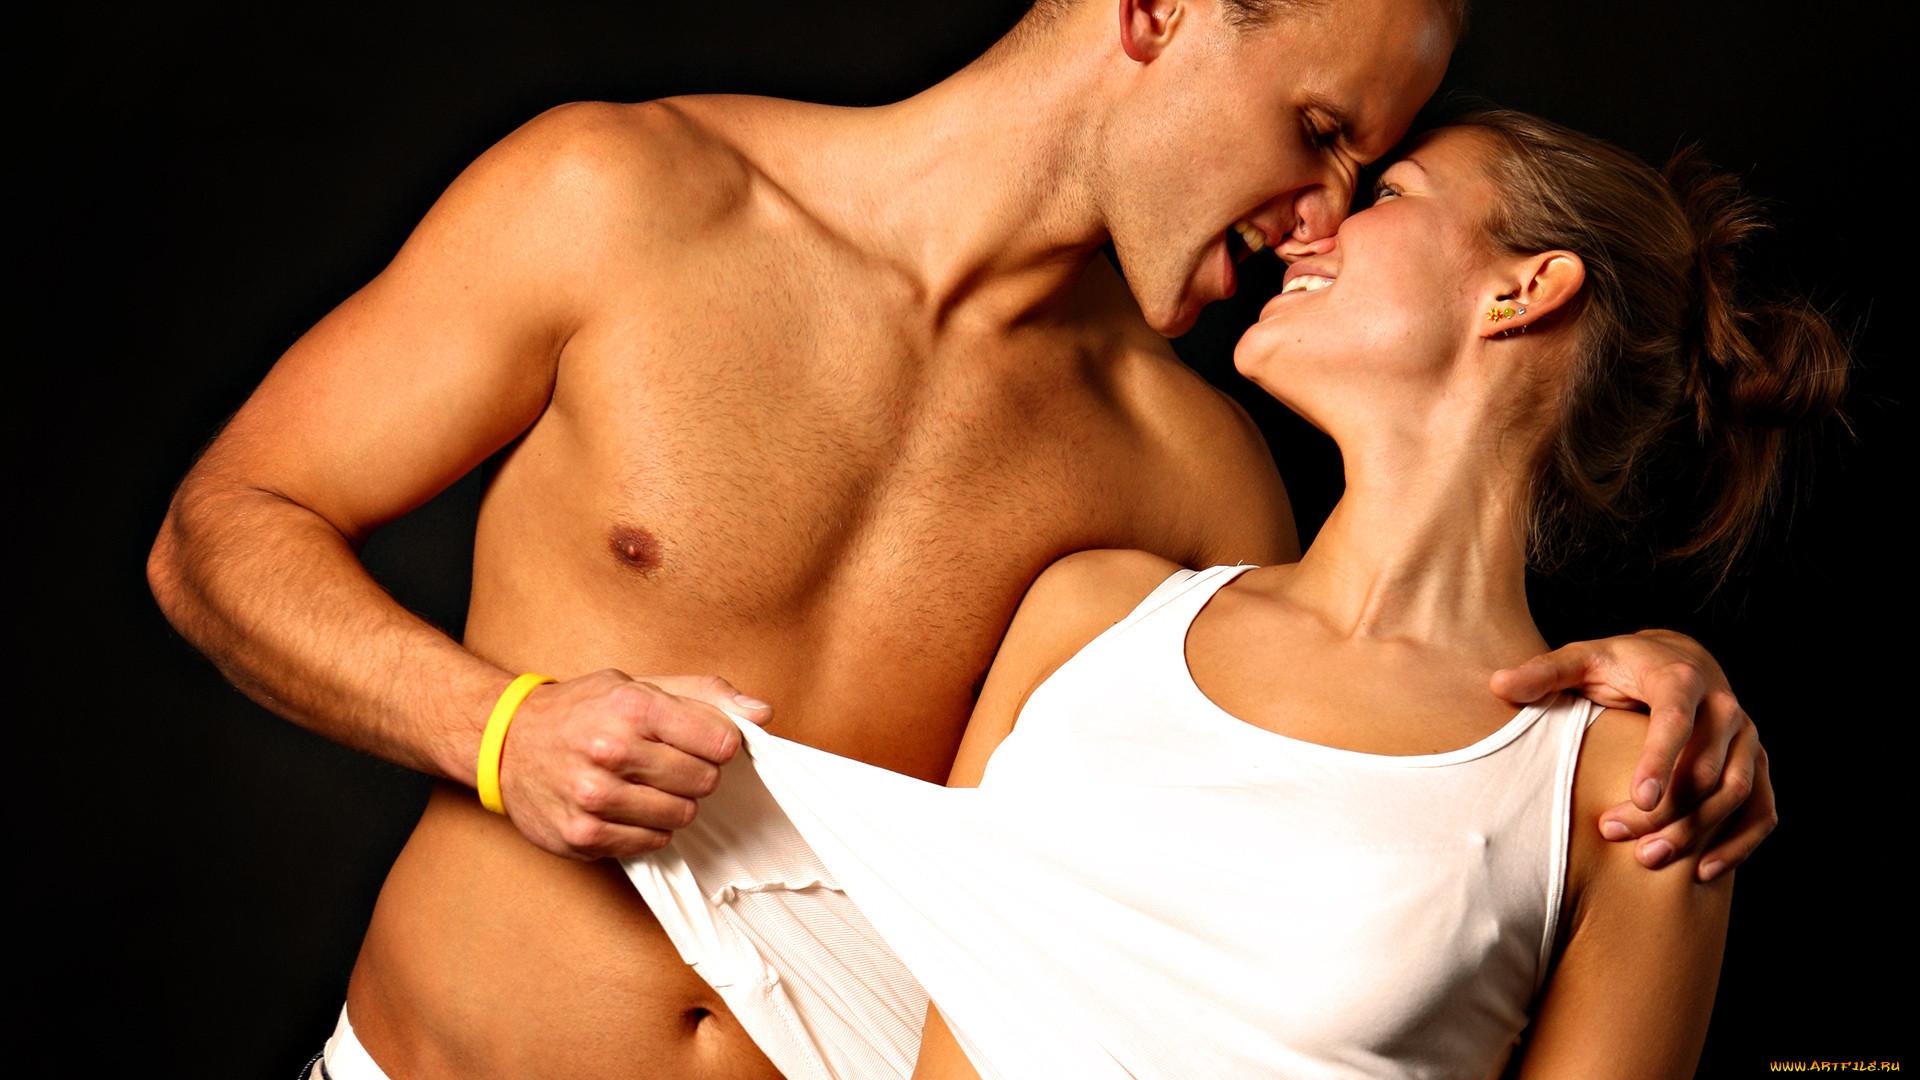 Картинки мужчина с женщиной страсть